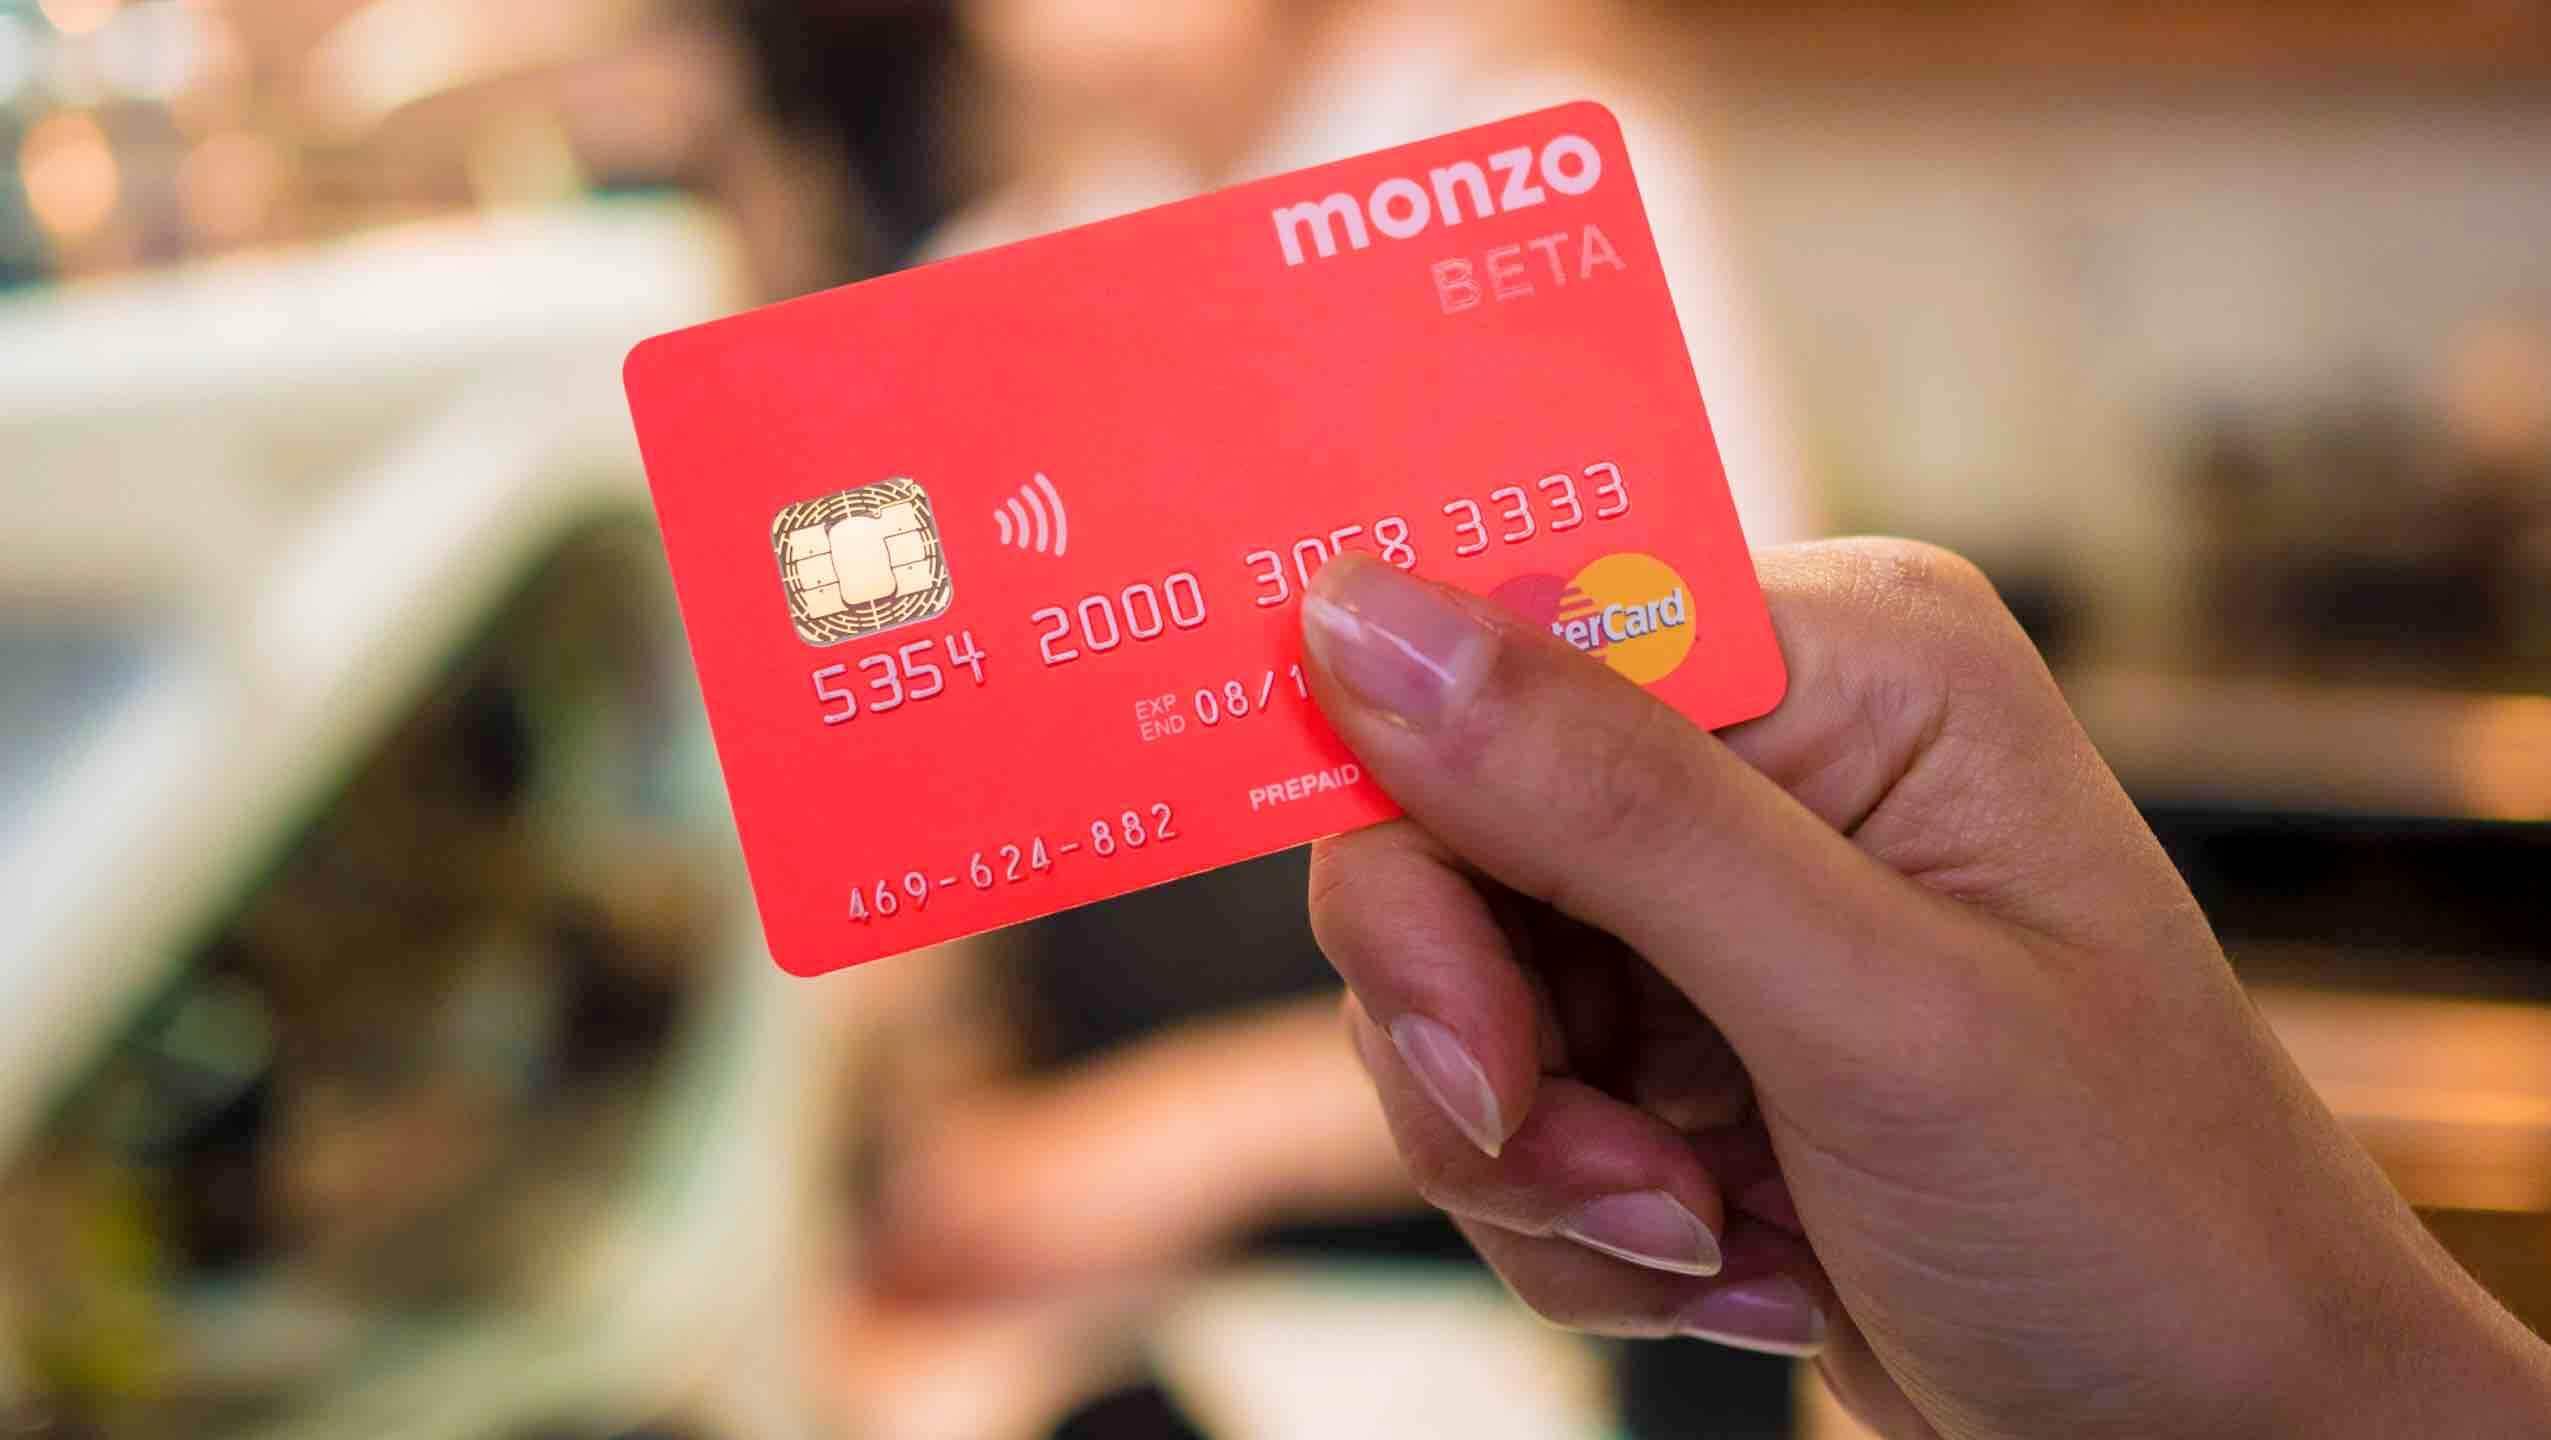 Monzo fintech startup prepaid bankolás